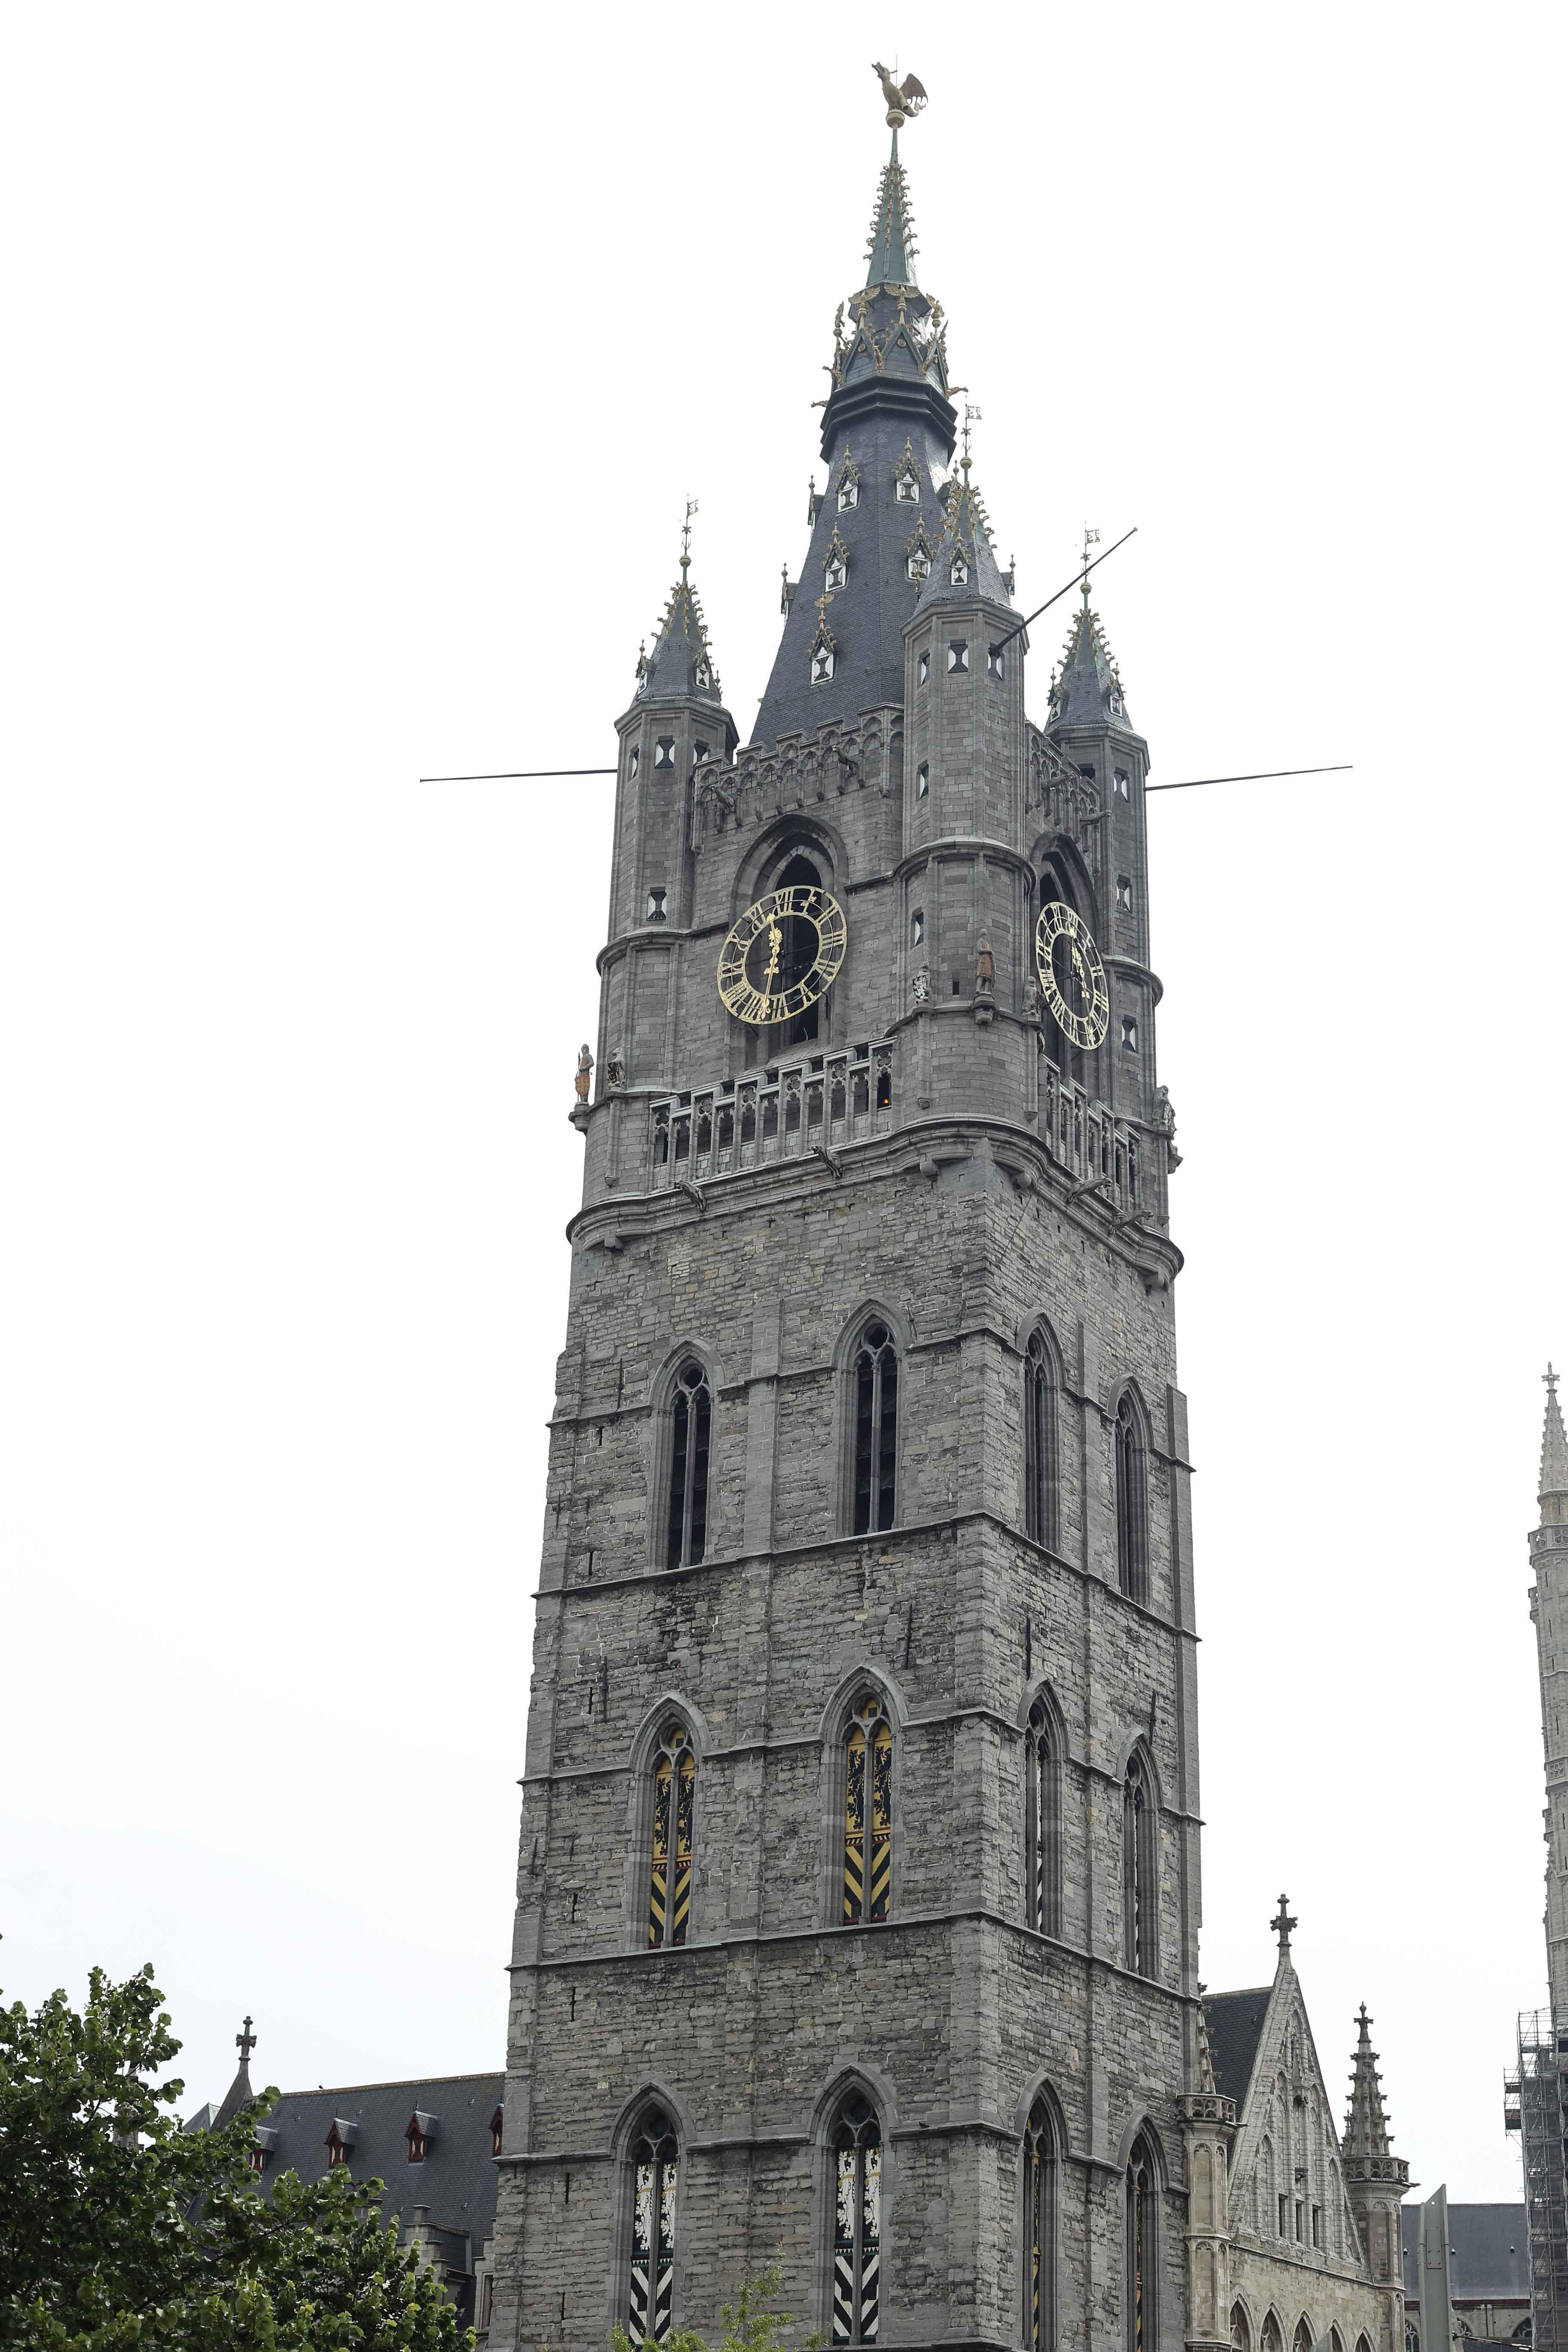 Gent-Kurztrip-Empfehlung-Sehenswürdigkeiten-Kanäle-Reiseblog-Belgien-Belfried